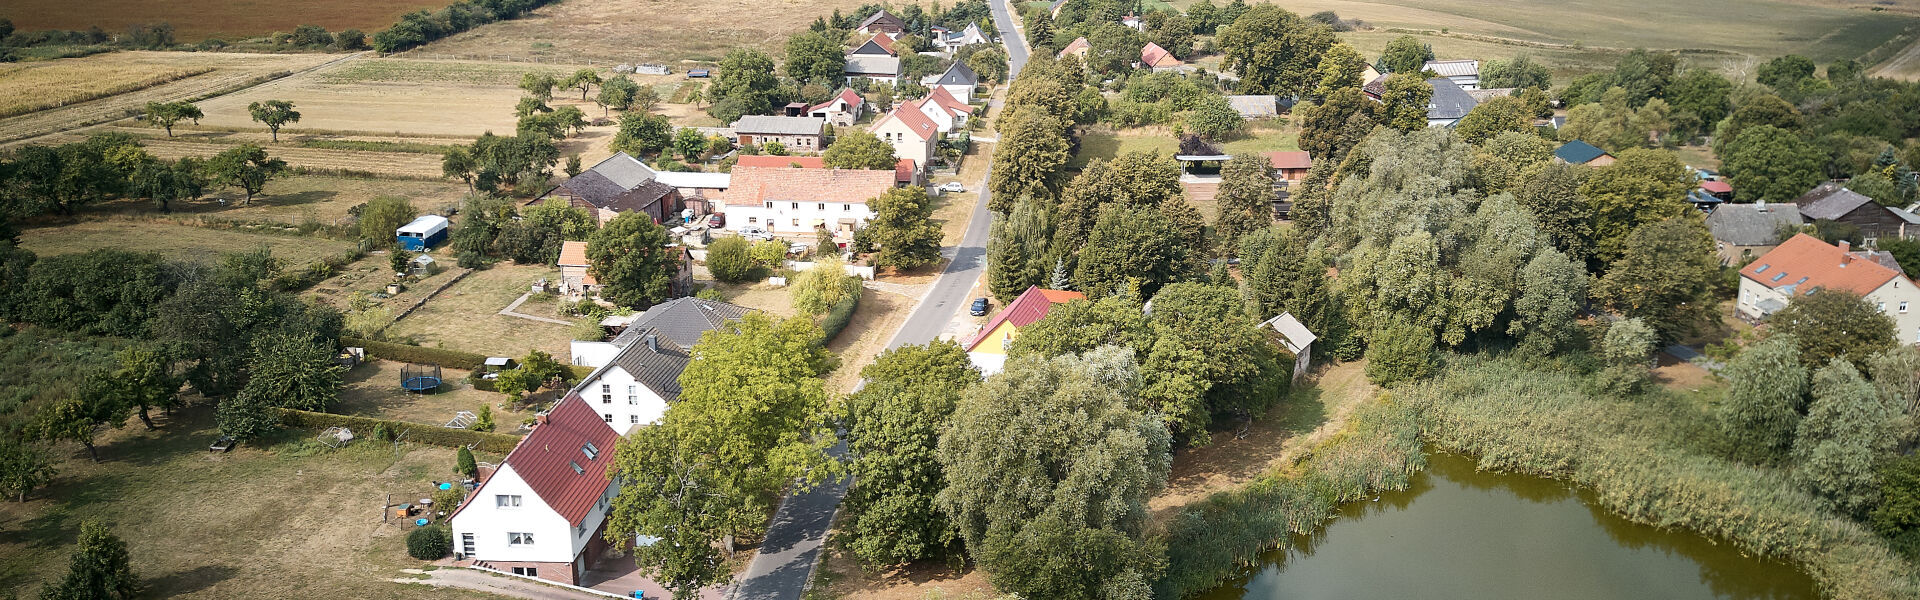 Luftbild Dannenberg/Mark